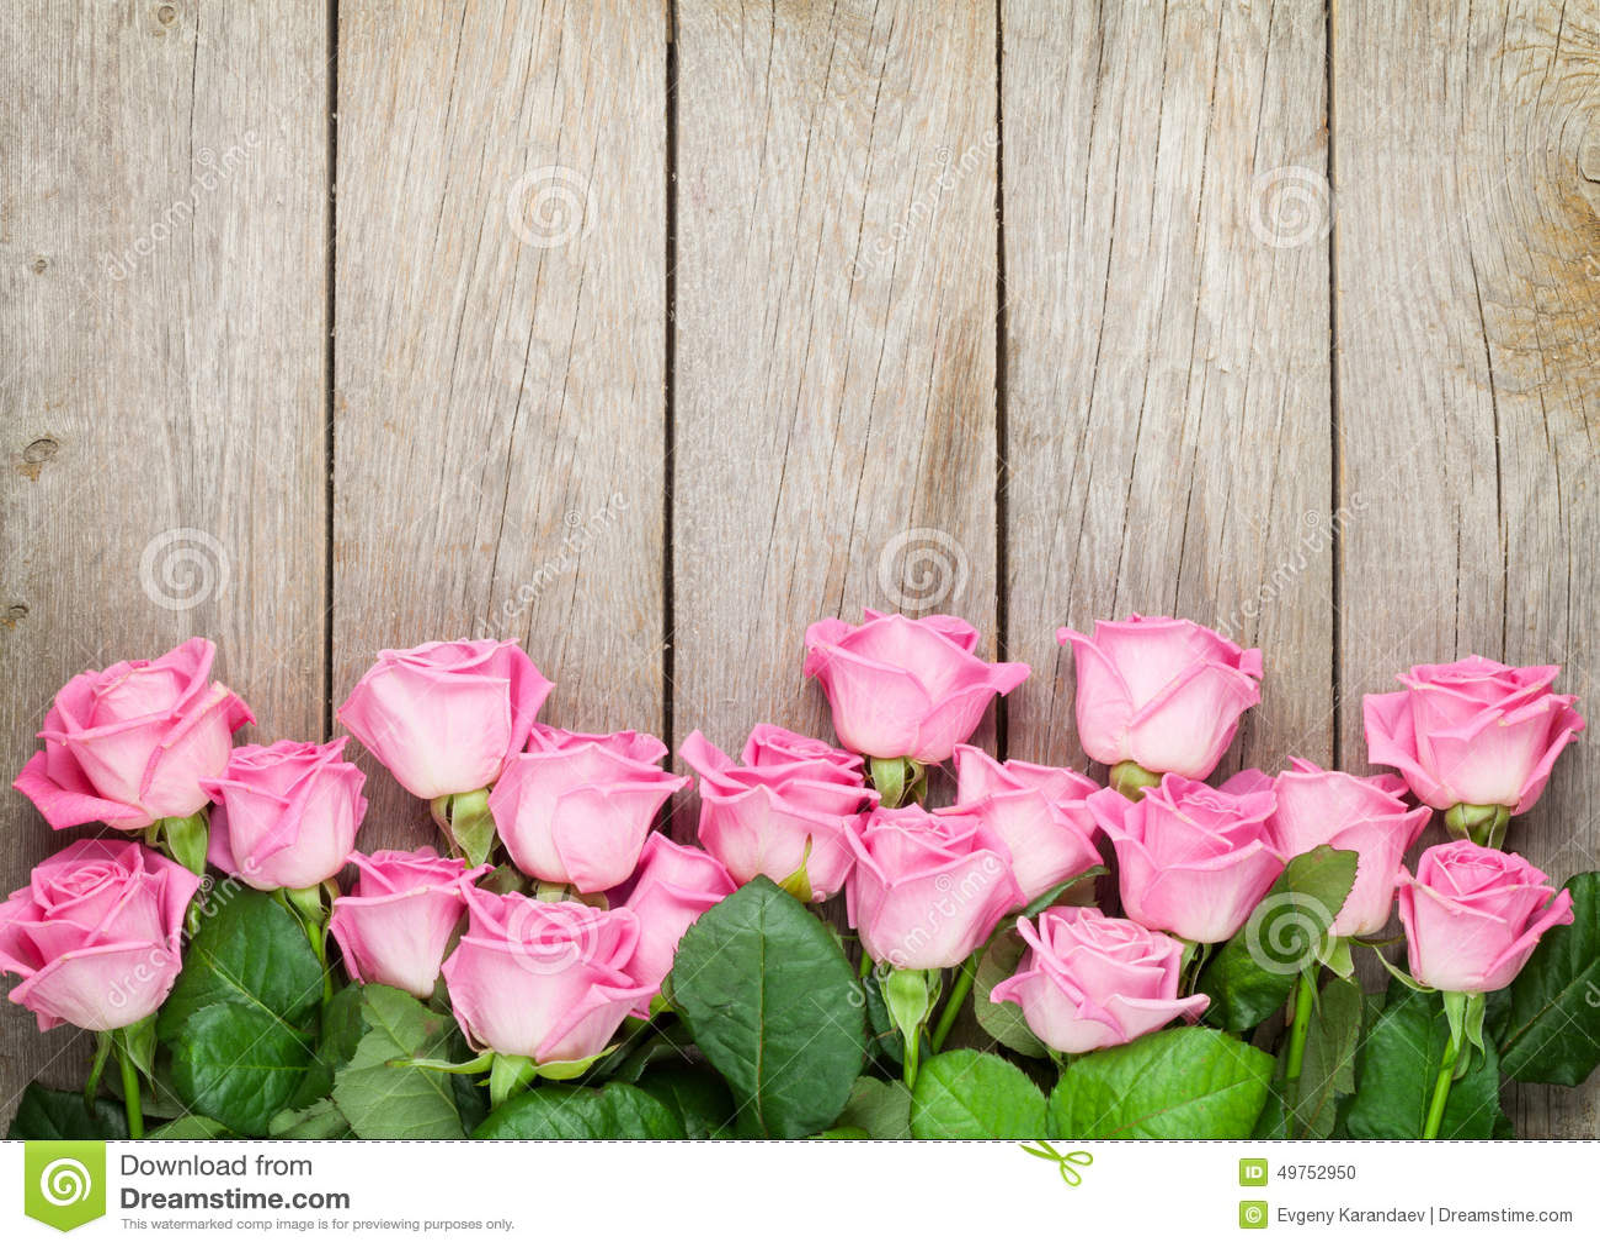 Fond de jour de valentines avec les roses roses au-dessus de la table en bois